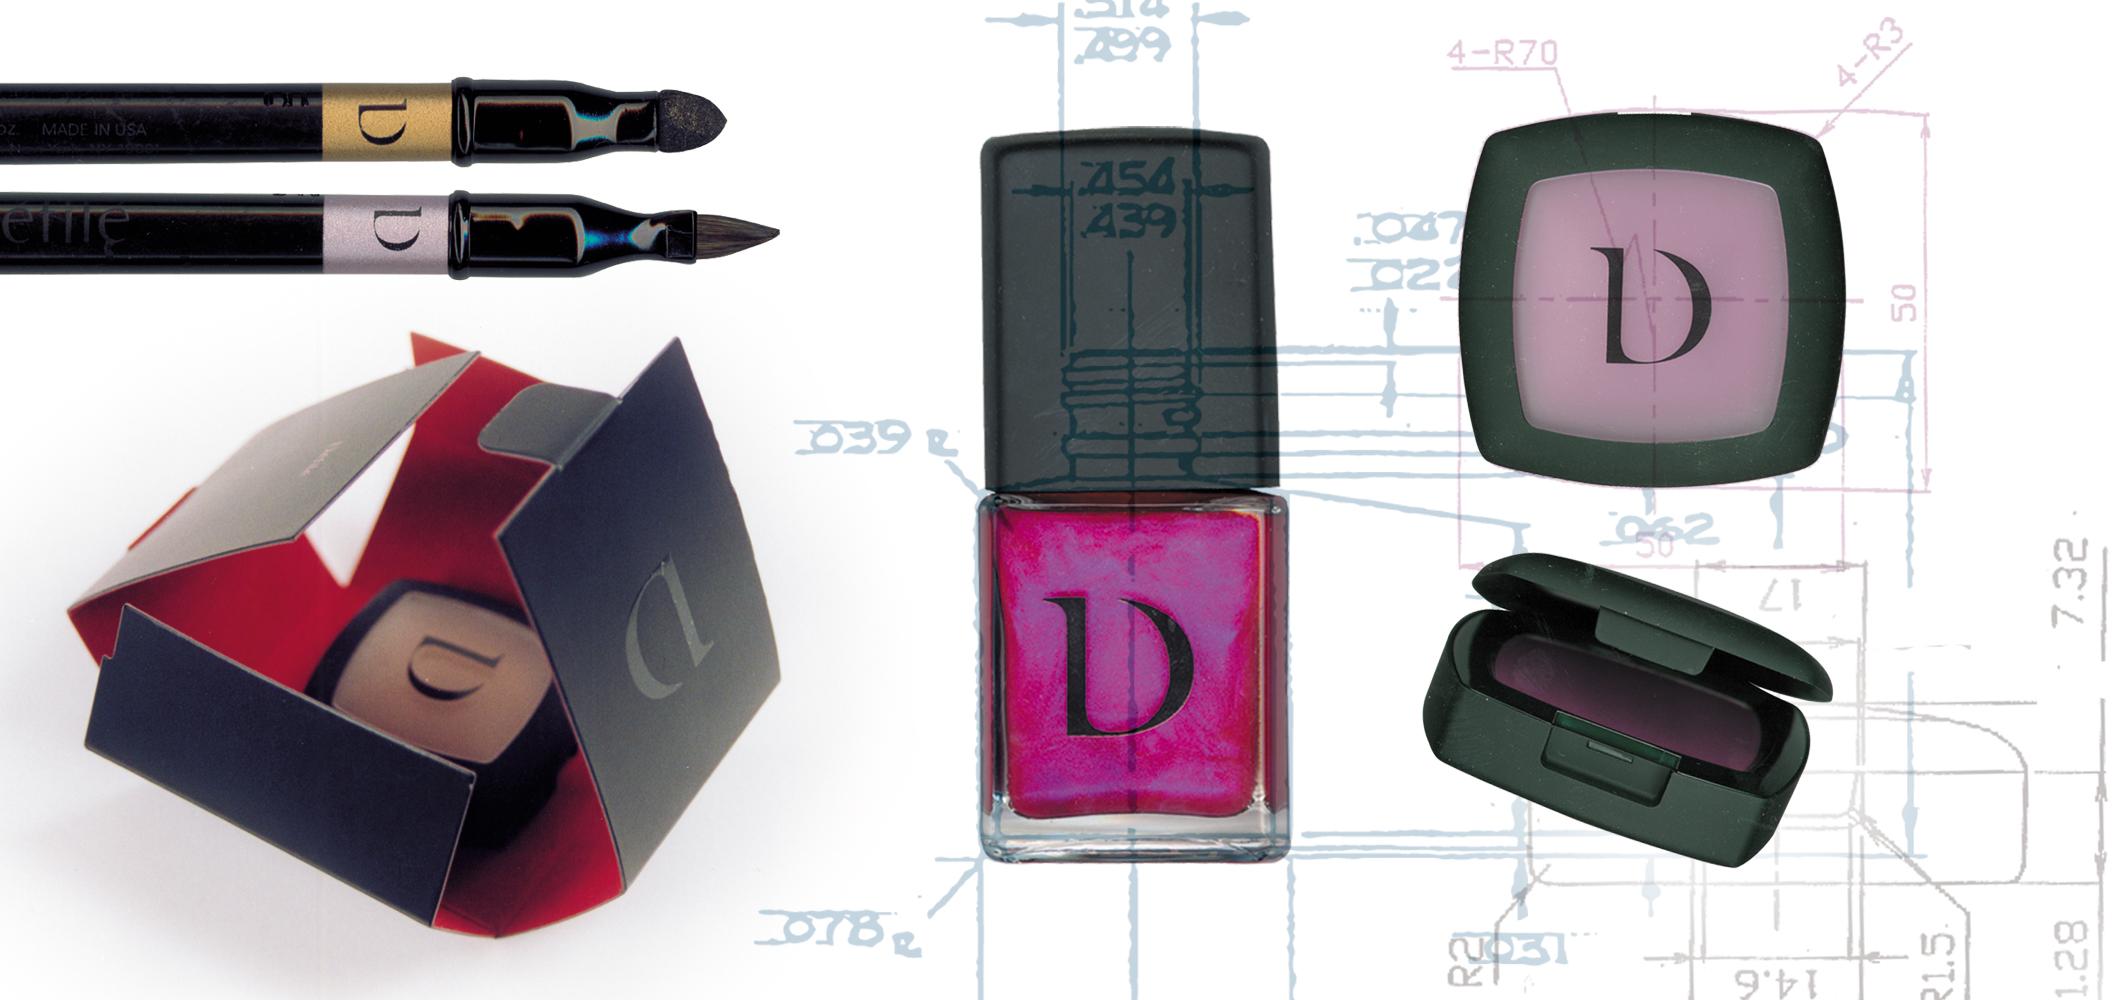 defile-lay-minibook-1.jpg